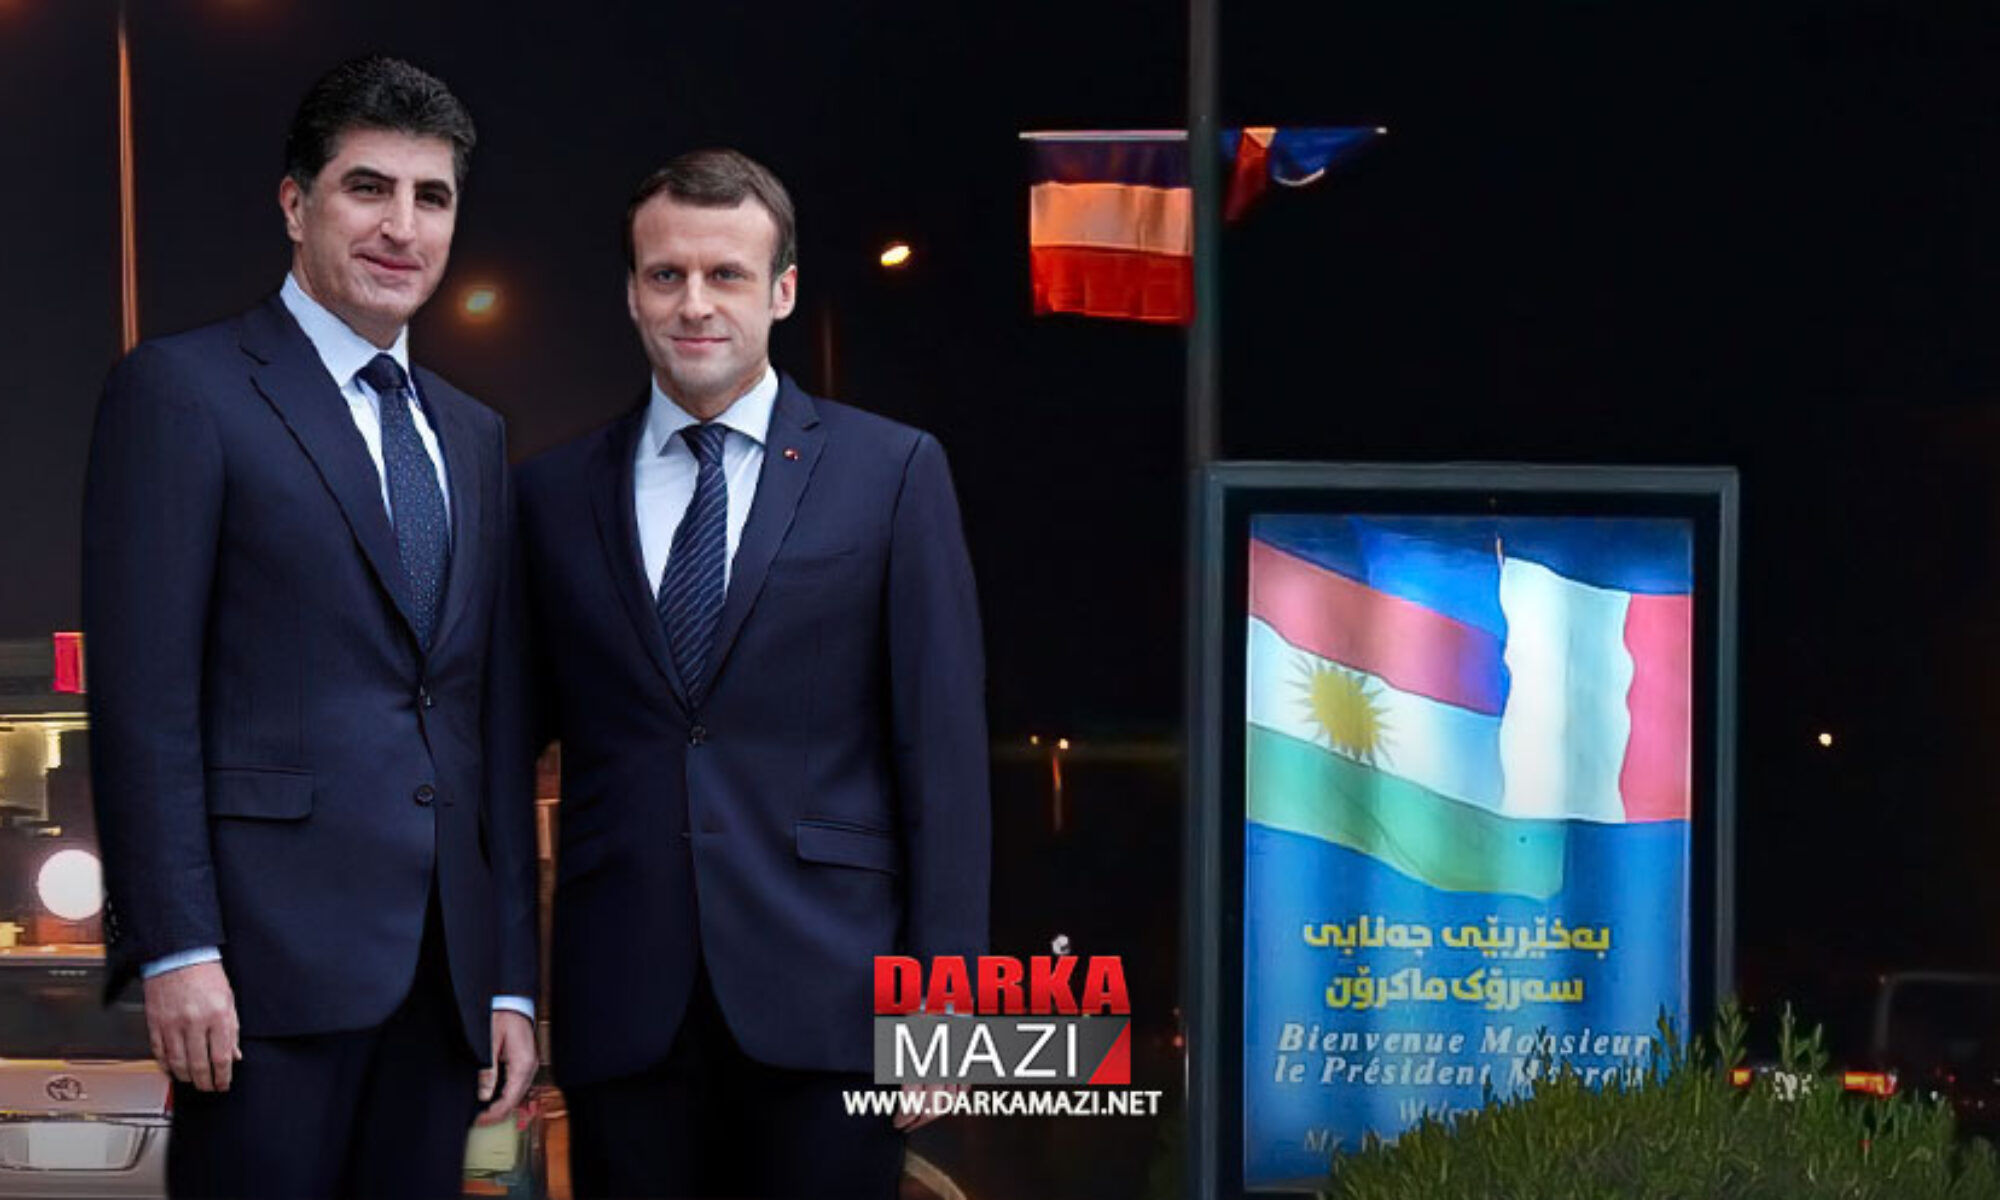 Bu gece Hewler'e gelecek olan Macron Kürdistan Bölgesindeki planlarını açıkladı